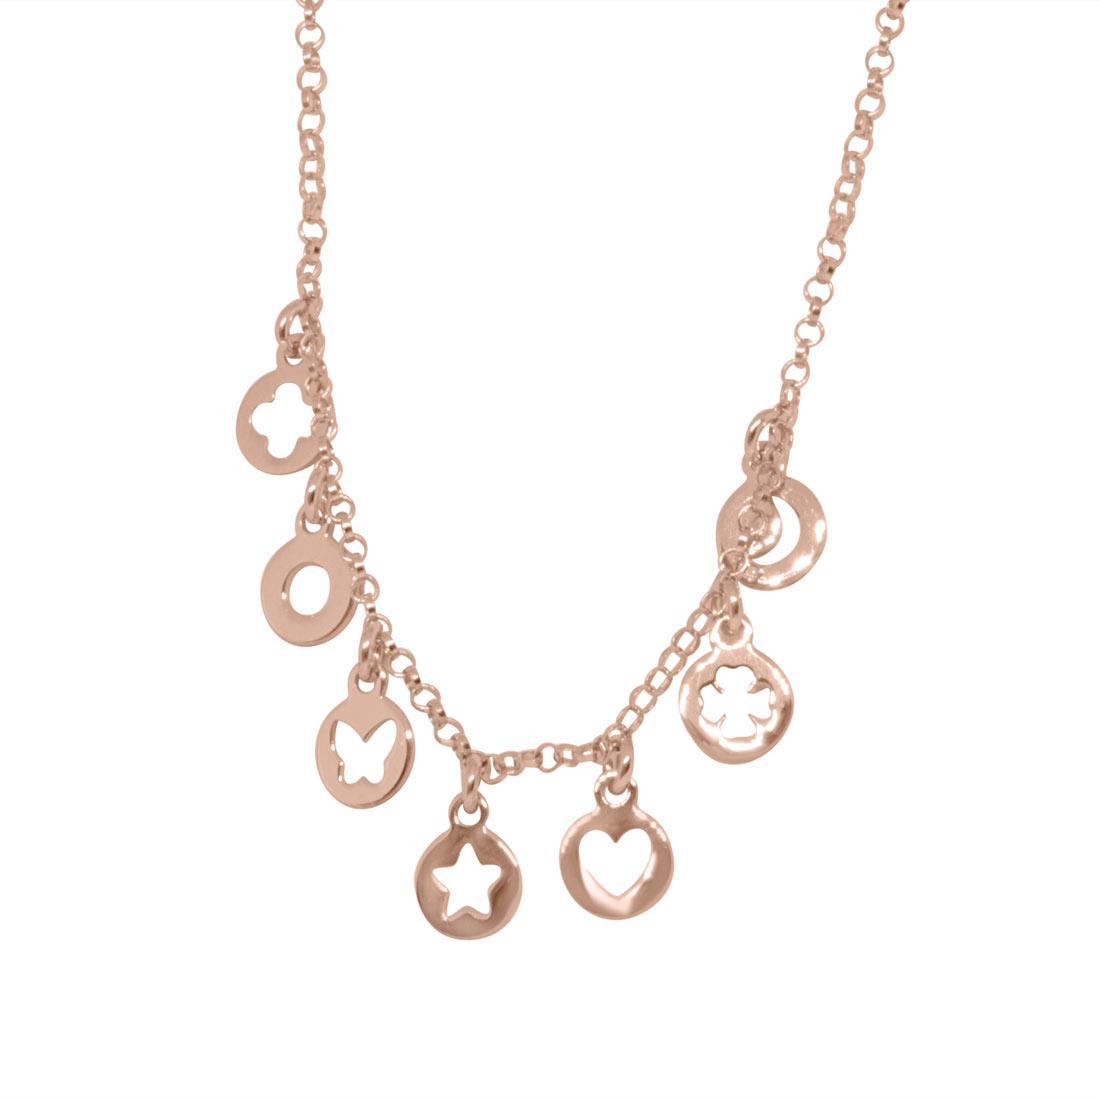 Collana in argento rosato con charms - ORO&CO